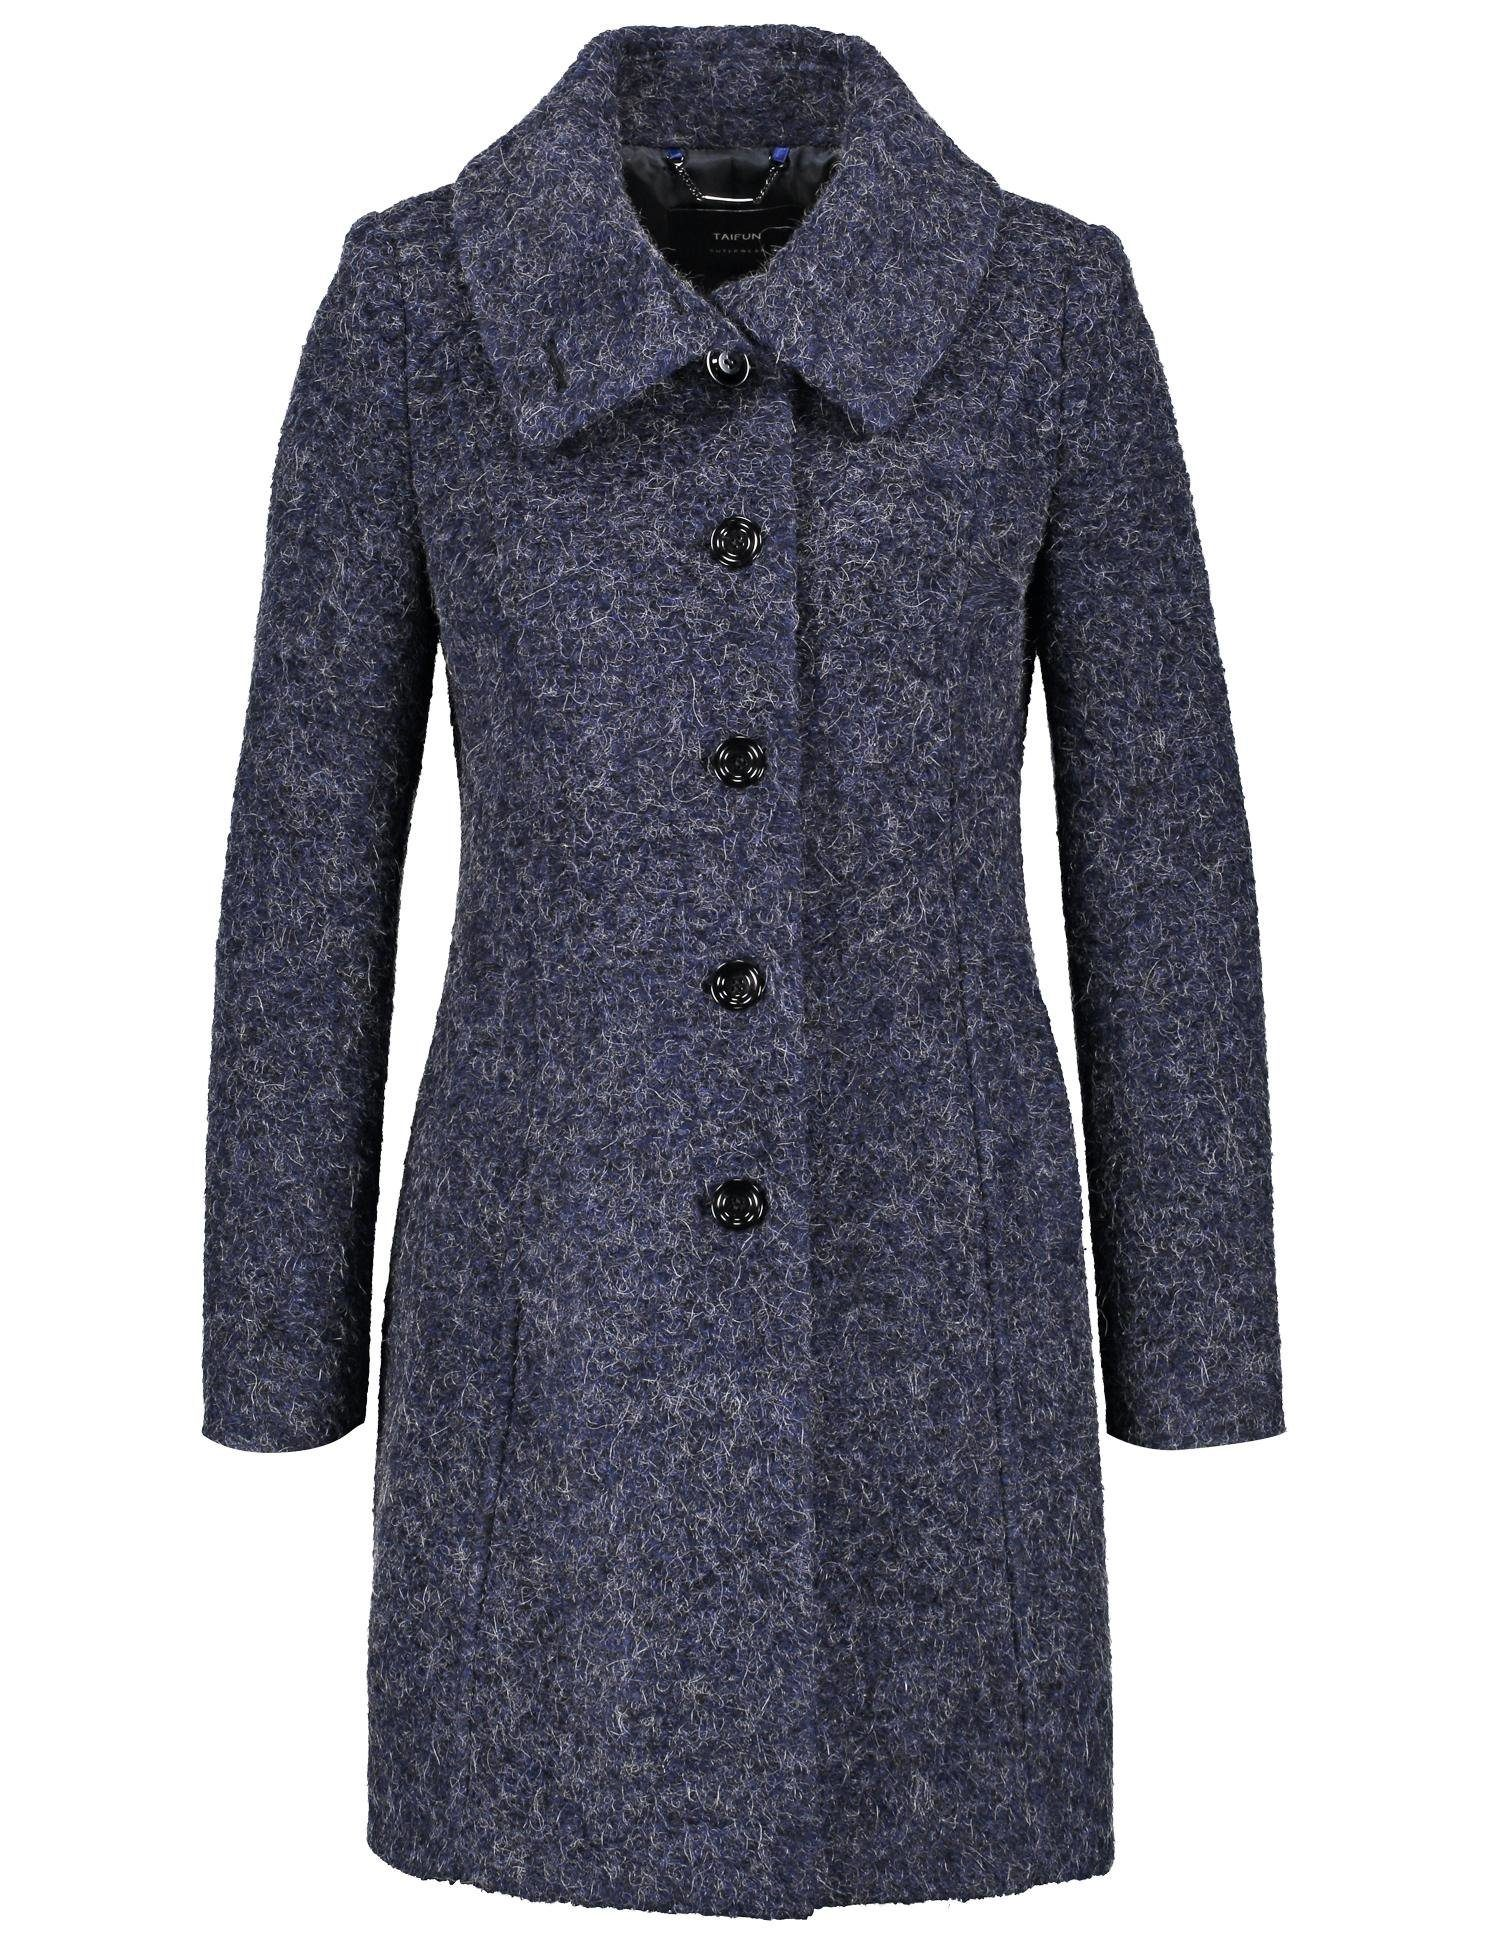 TAIFUN Outdoorjacke Wolle Taillierter Kurzmantel aus Tweed | Sportbekleidung > Sportmäntel > Outdoormäntel | Blau | Wolle - Tweed - Polyester | Taifun